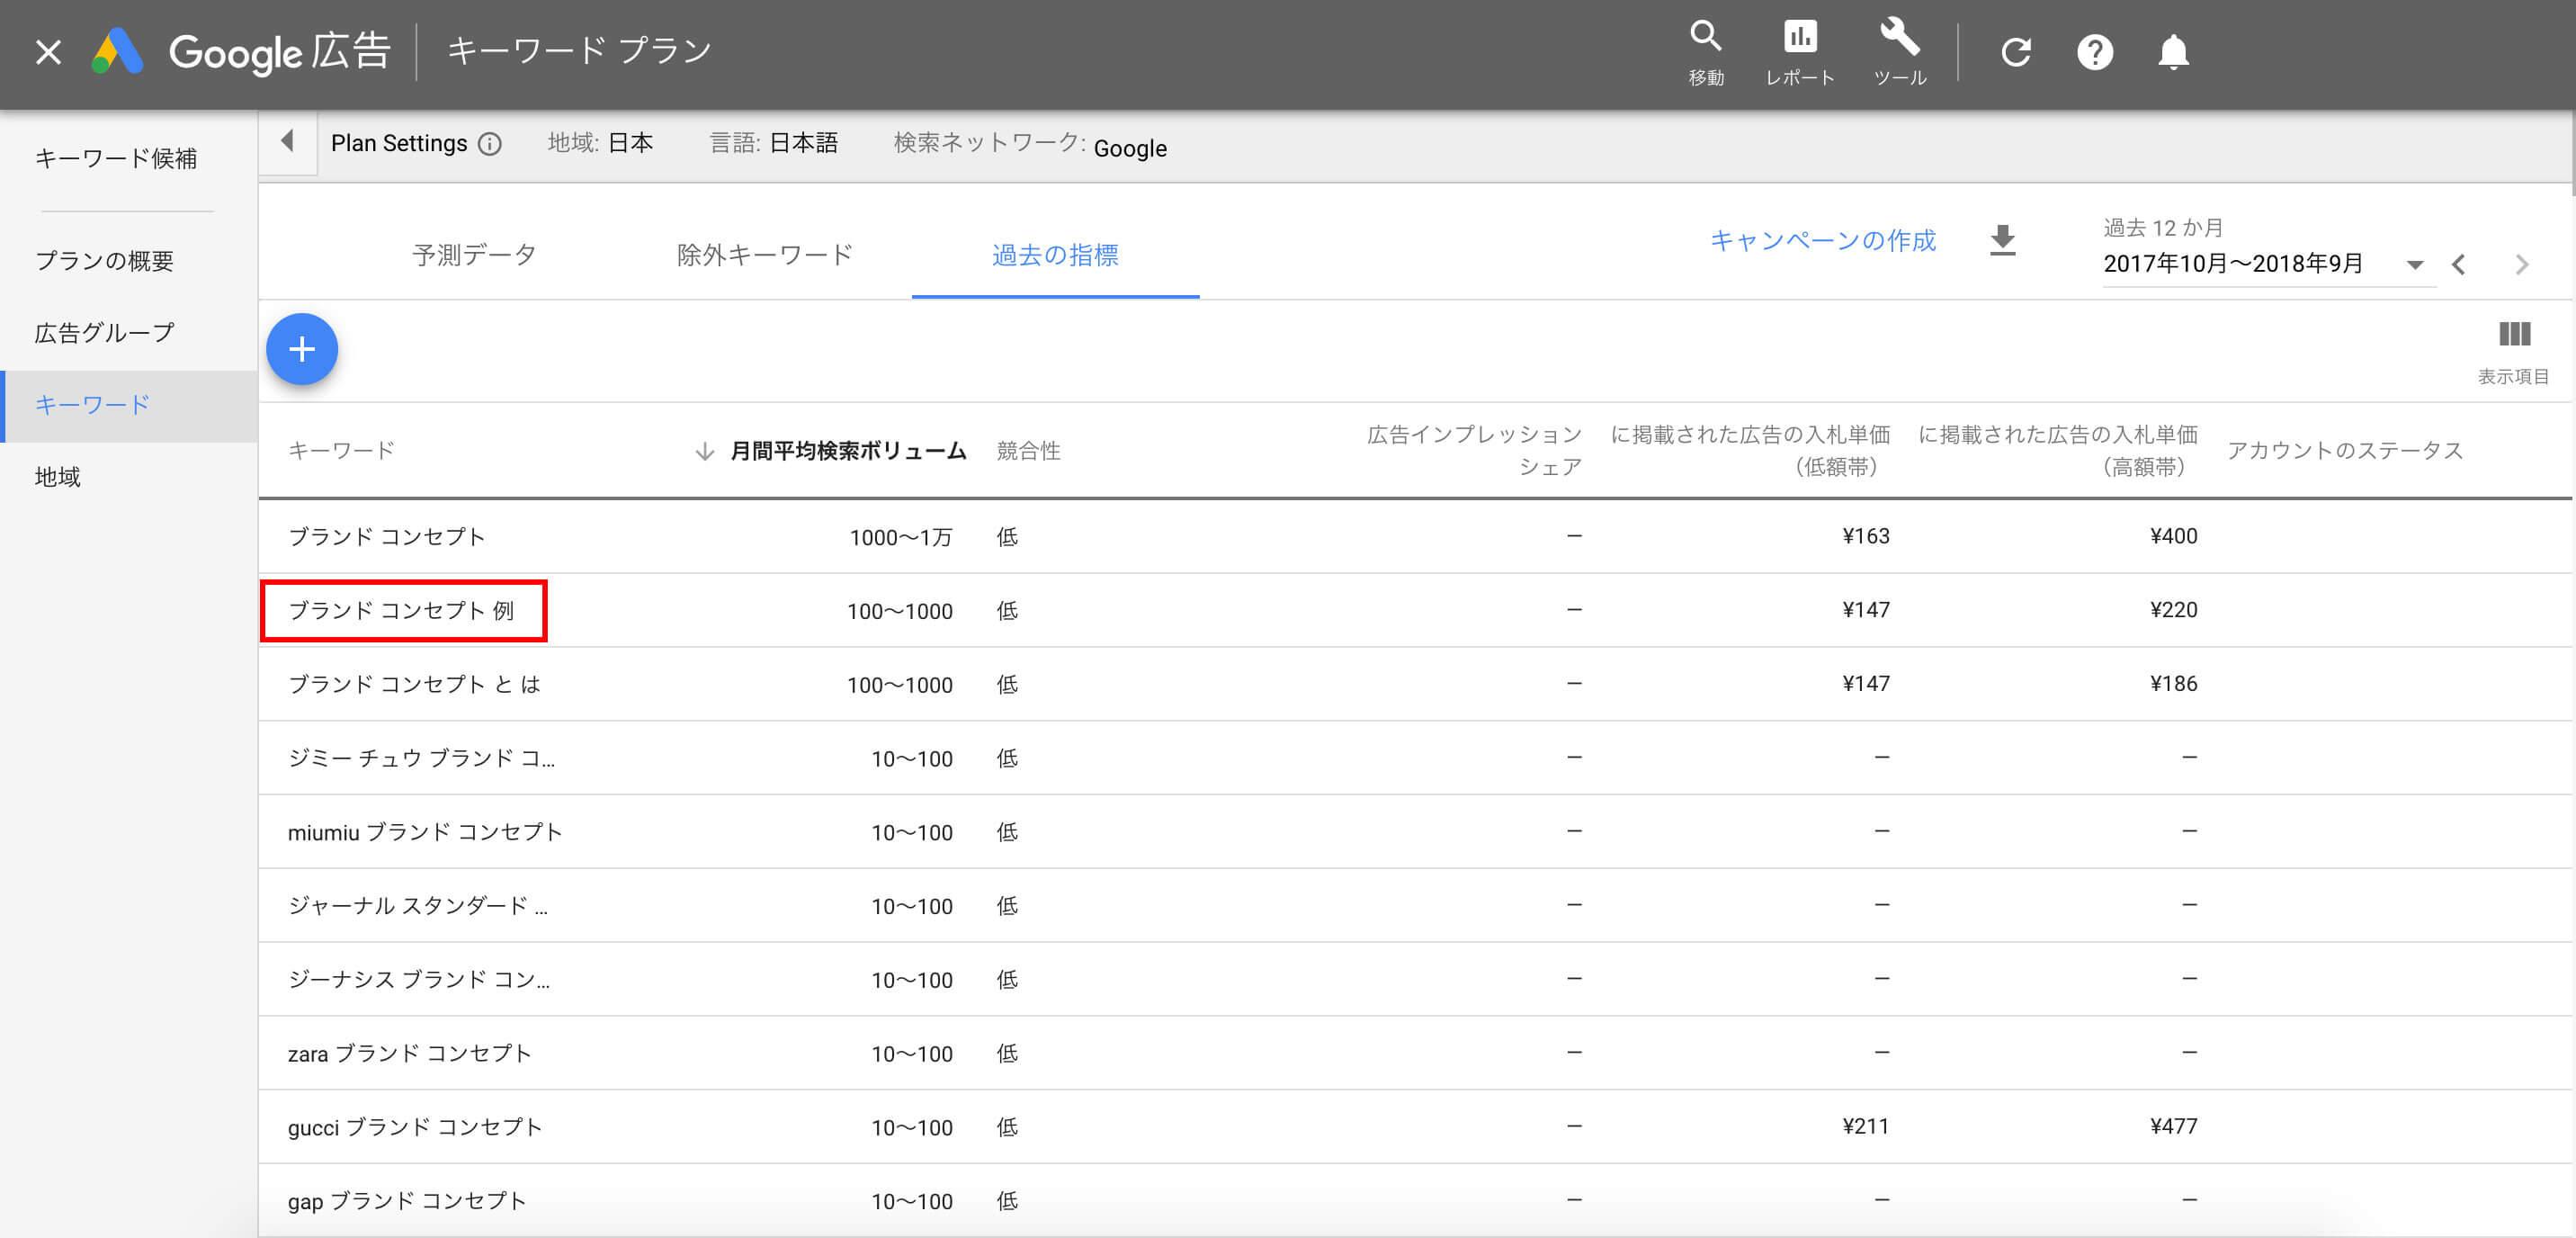 「ブランドコンセプト 例」の検索ボリューム